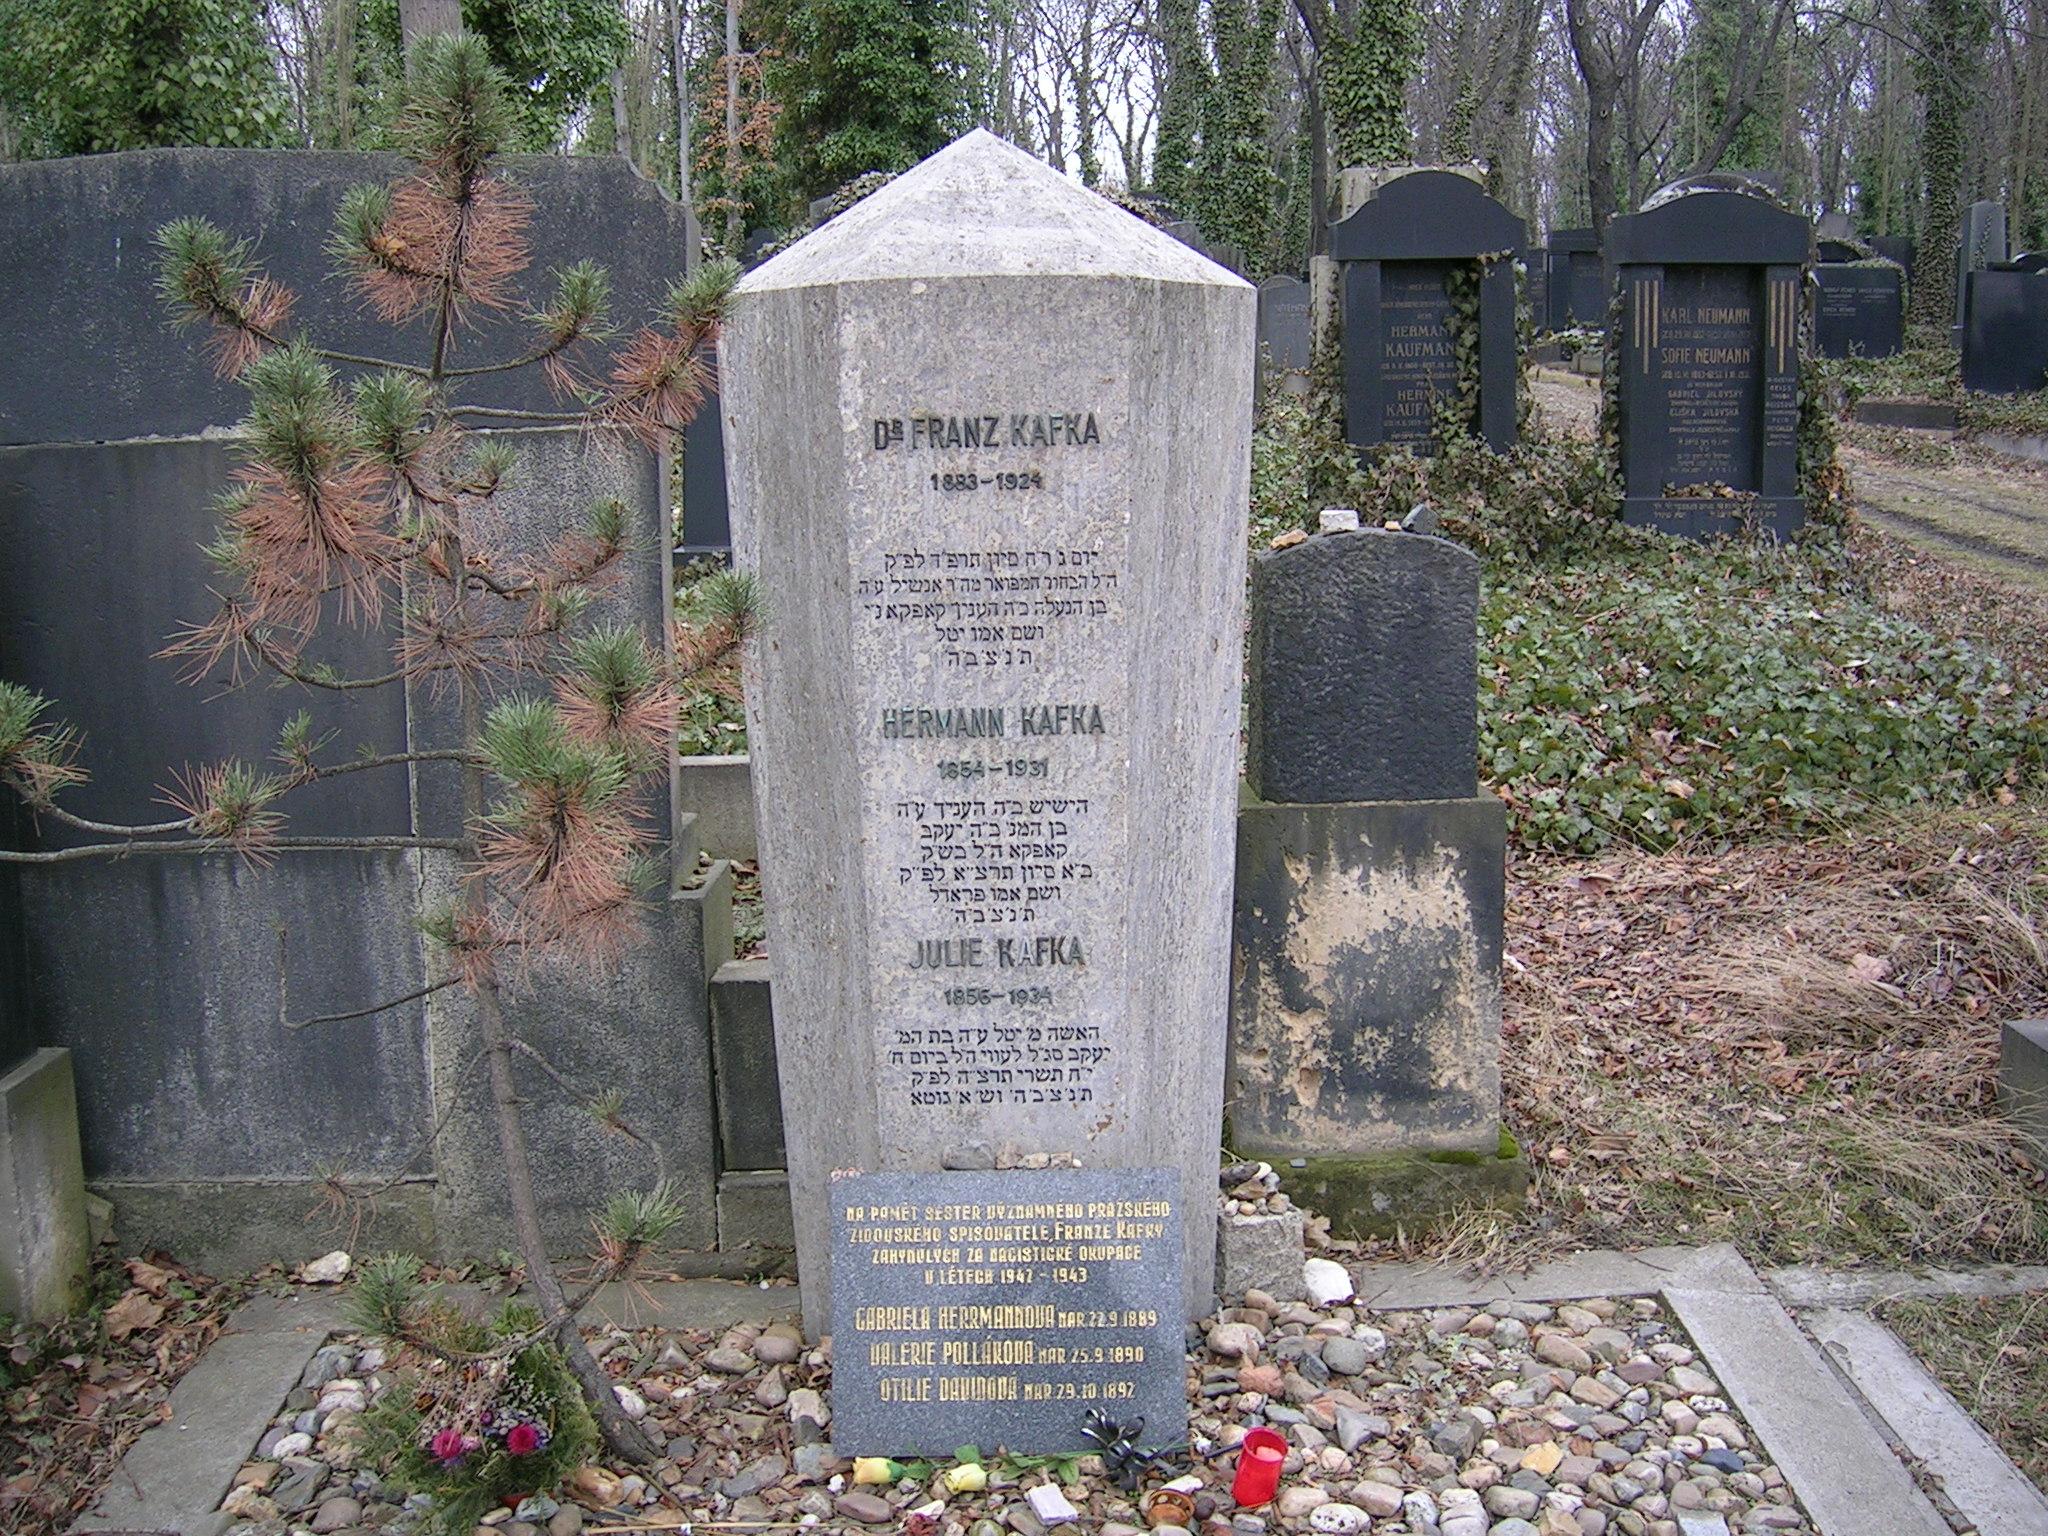 Archivo:Grab von franz kafka.jpg